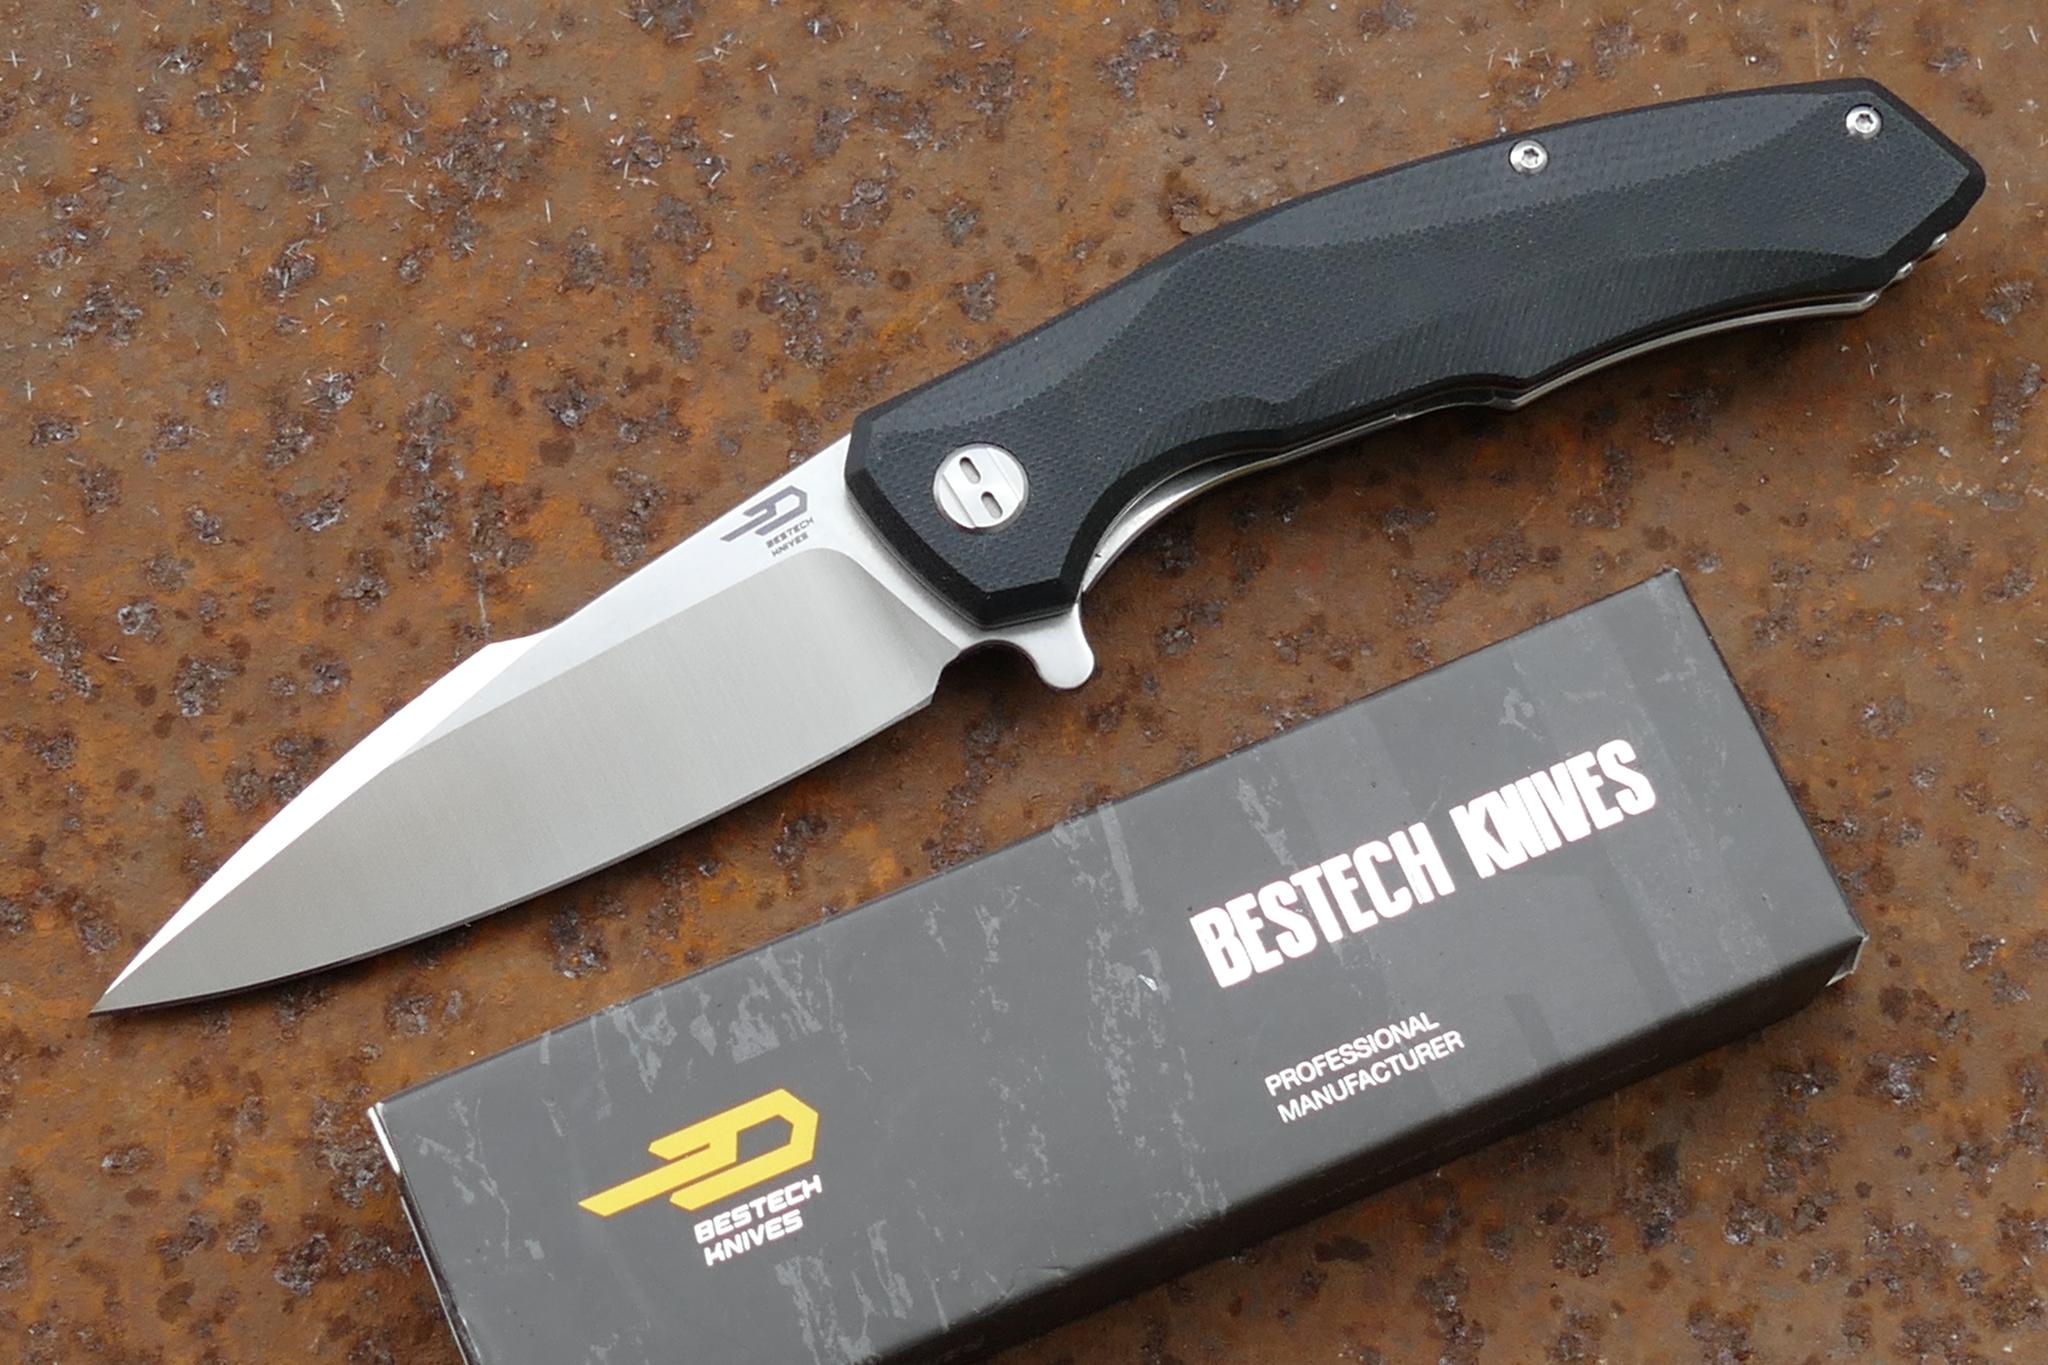 лучшая цена Складной нож Bestech Warwolf, сталь D2